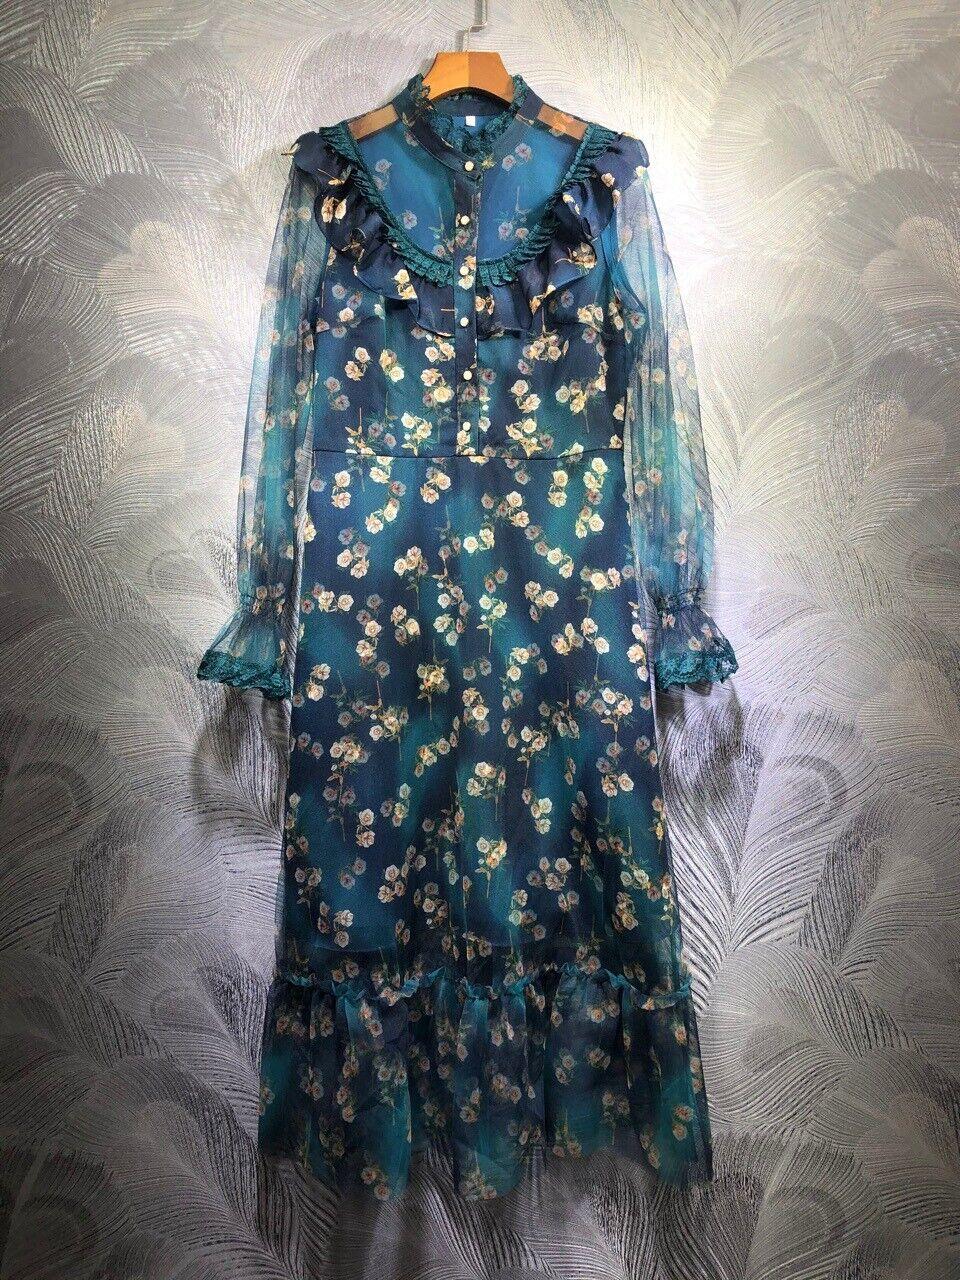 2020 Damen Designer Inspiriert Luxus Spitze Ruschen Netz Geblumt Lang Kleid Blau Ebay